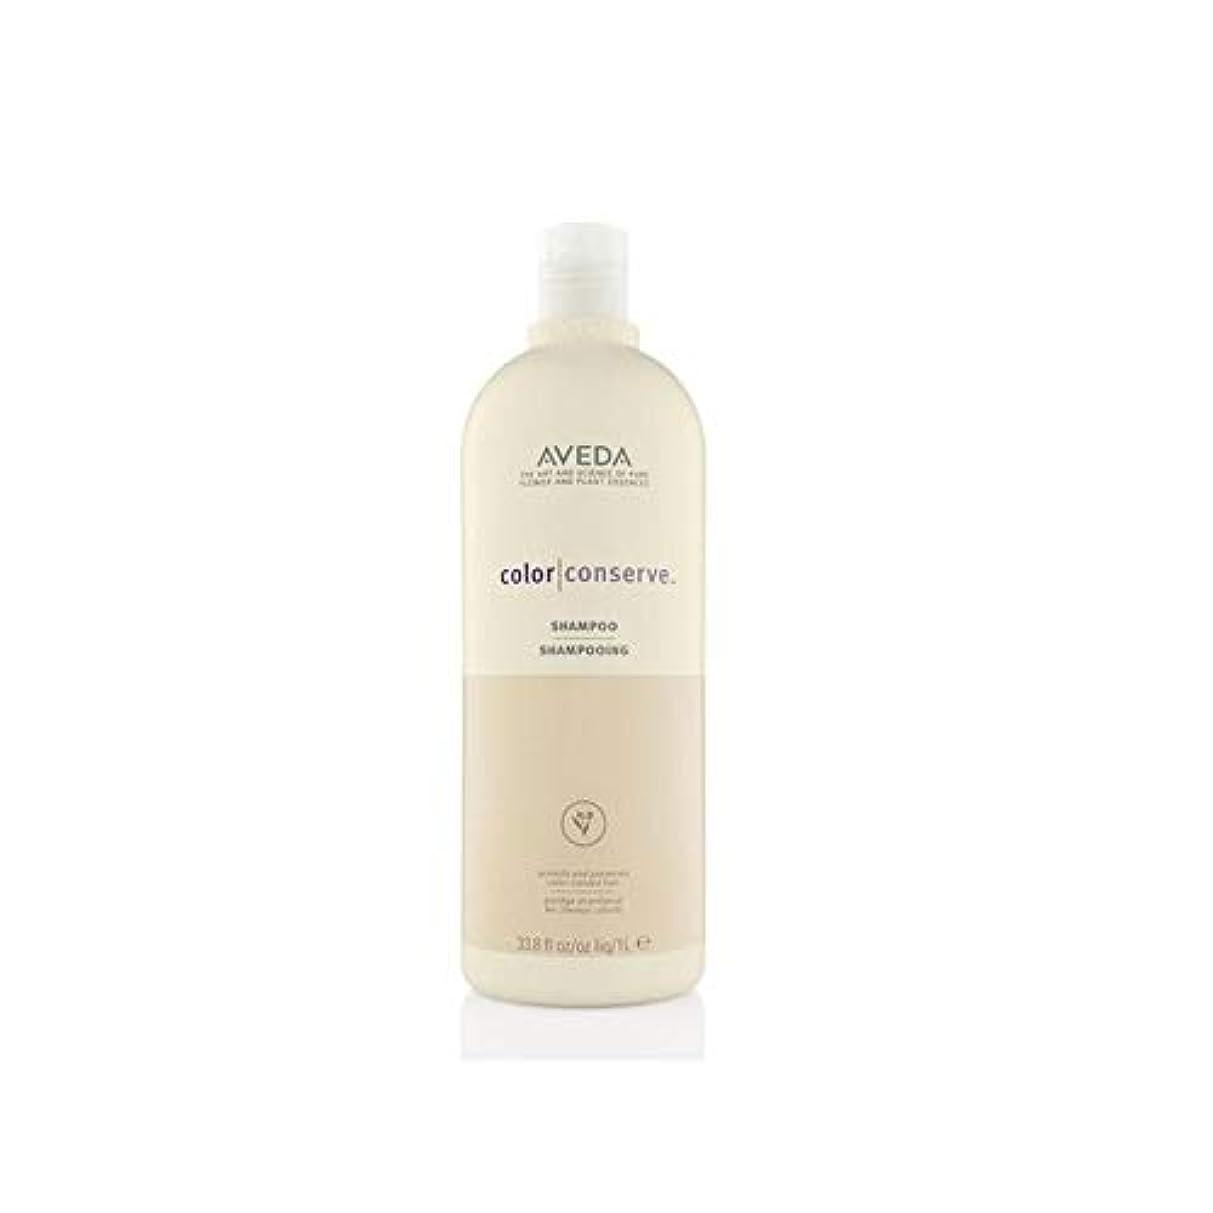 不完全な放棄された退却[Aveda] アヴェダカラー節約シャンプー(千ミリリットル) - Aveda Colour Conserve Shampoo (1000ml) [並行輸入品]